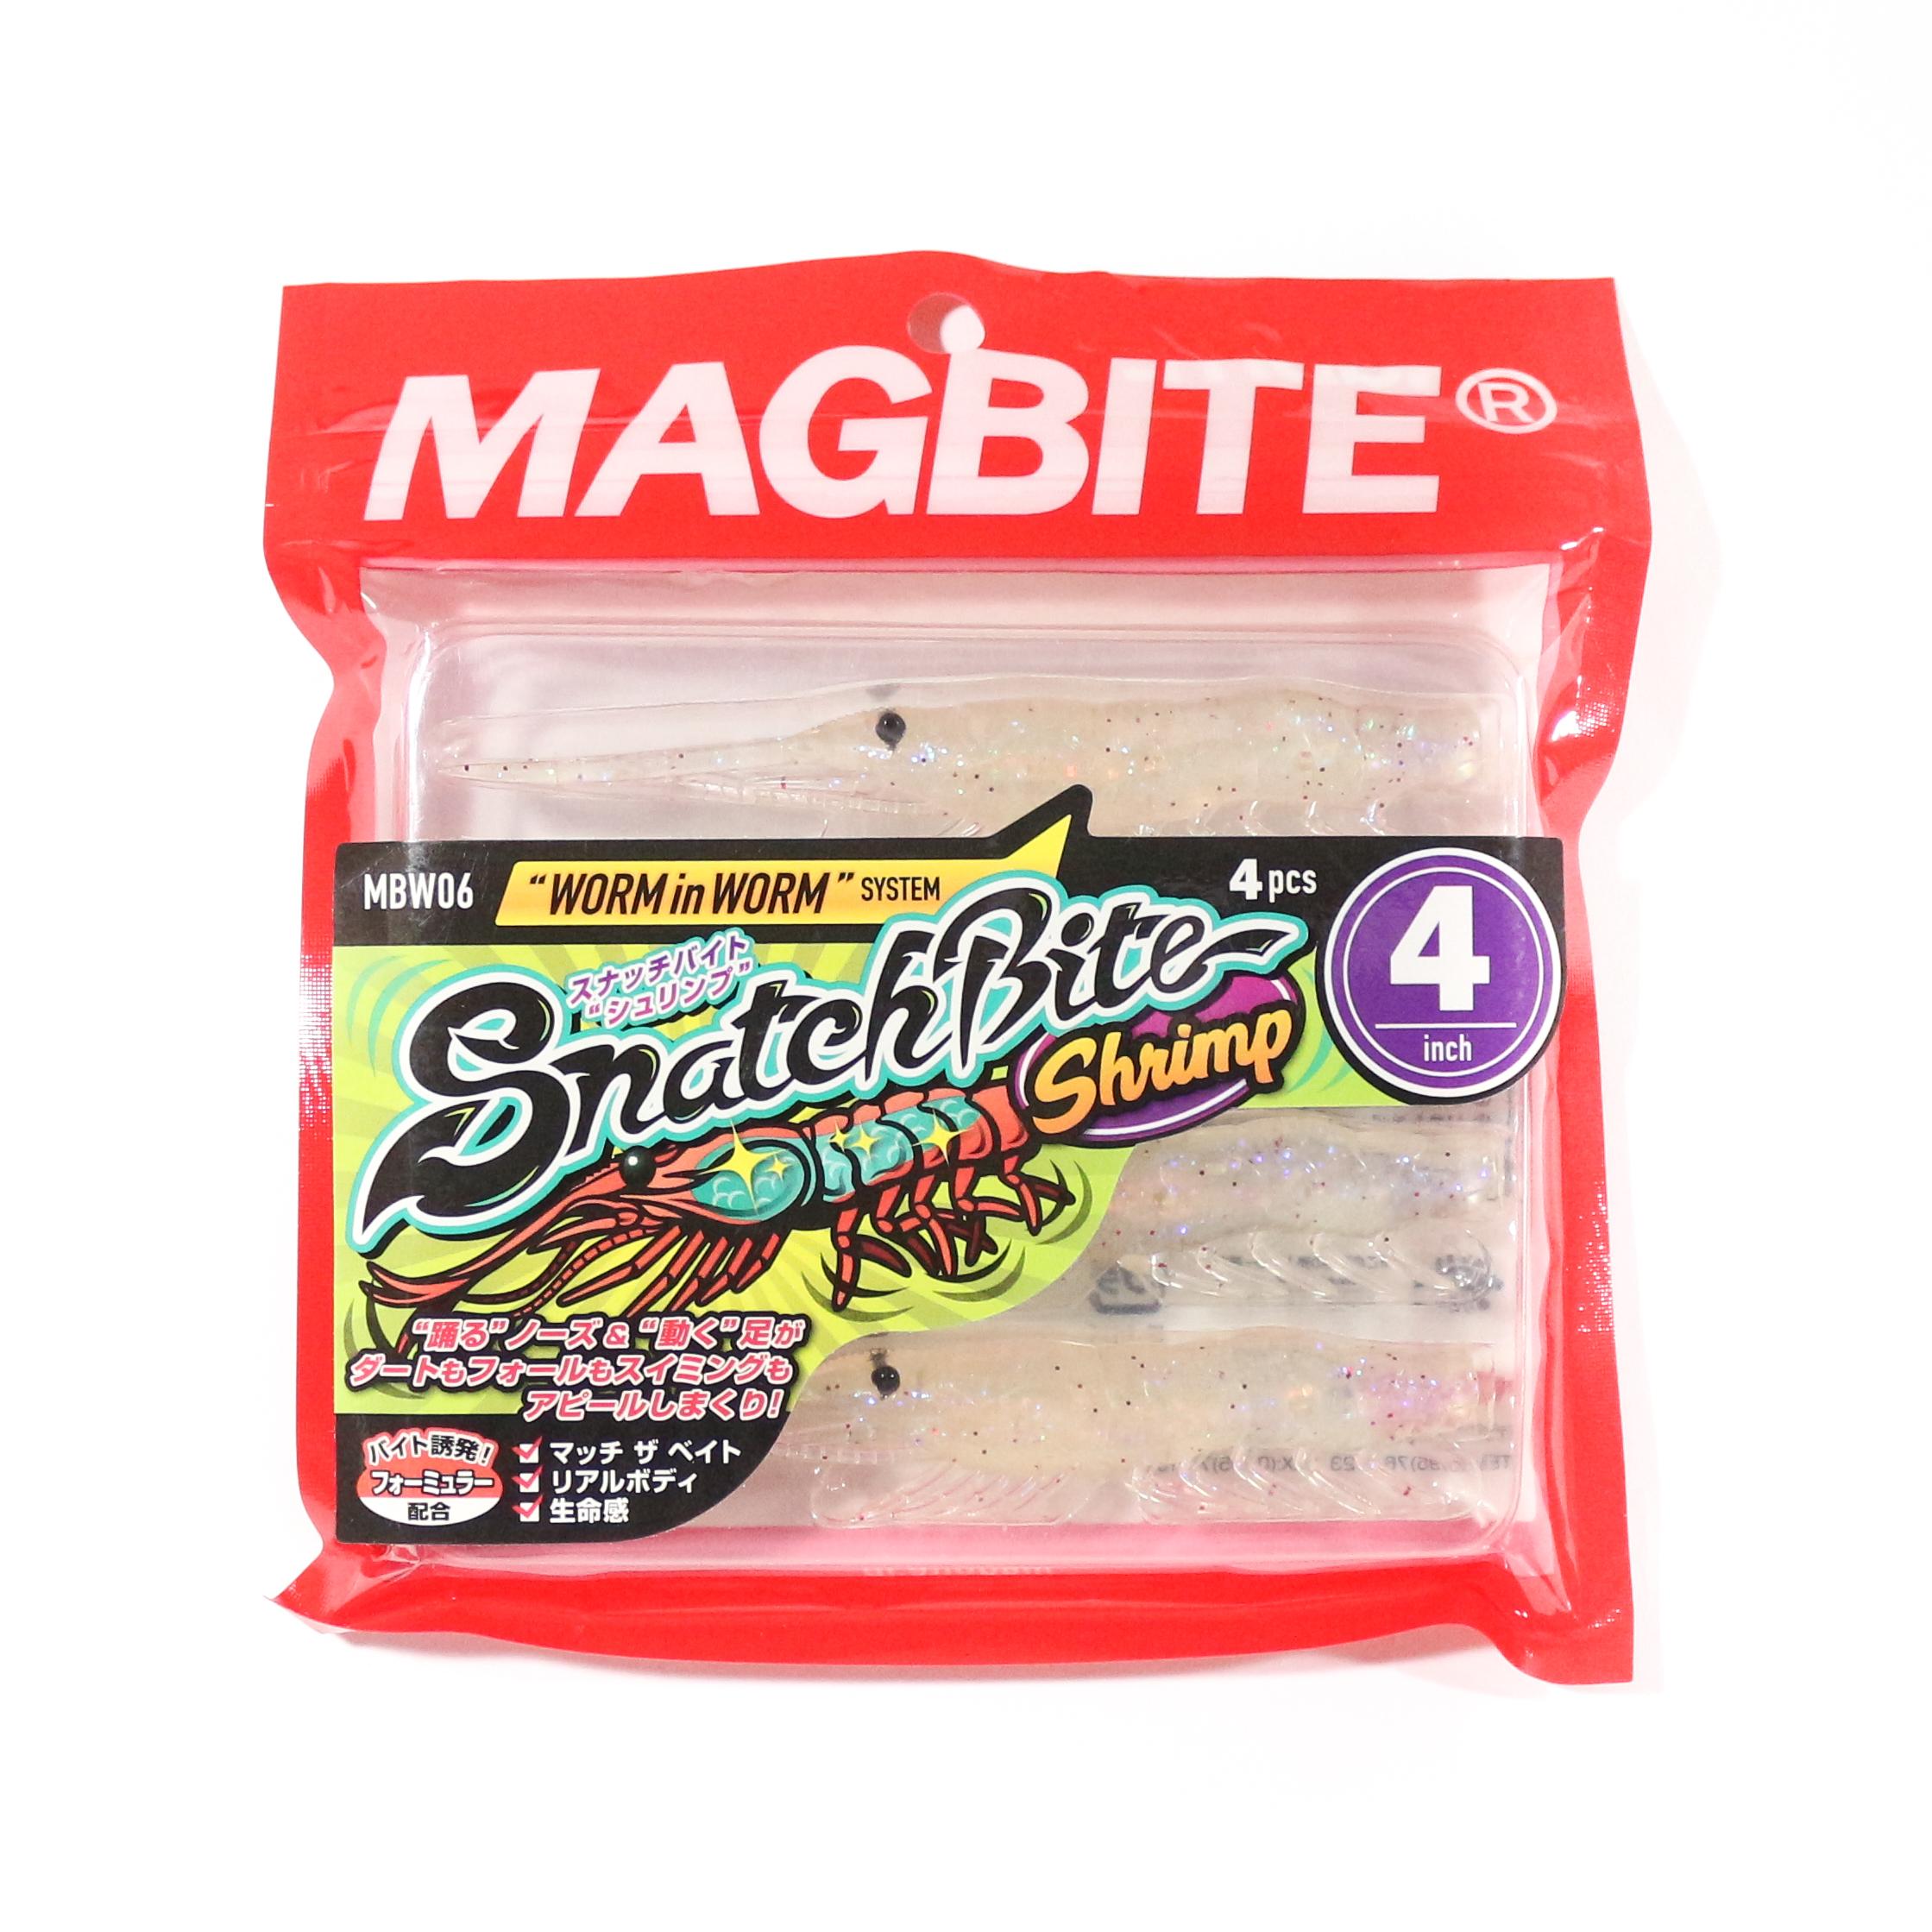 Harimitsu Mag Bite Snatch Shrimp 4 Inch 4 per pack 05 (5105)